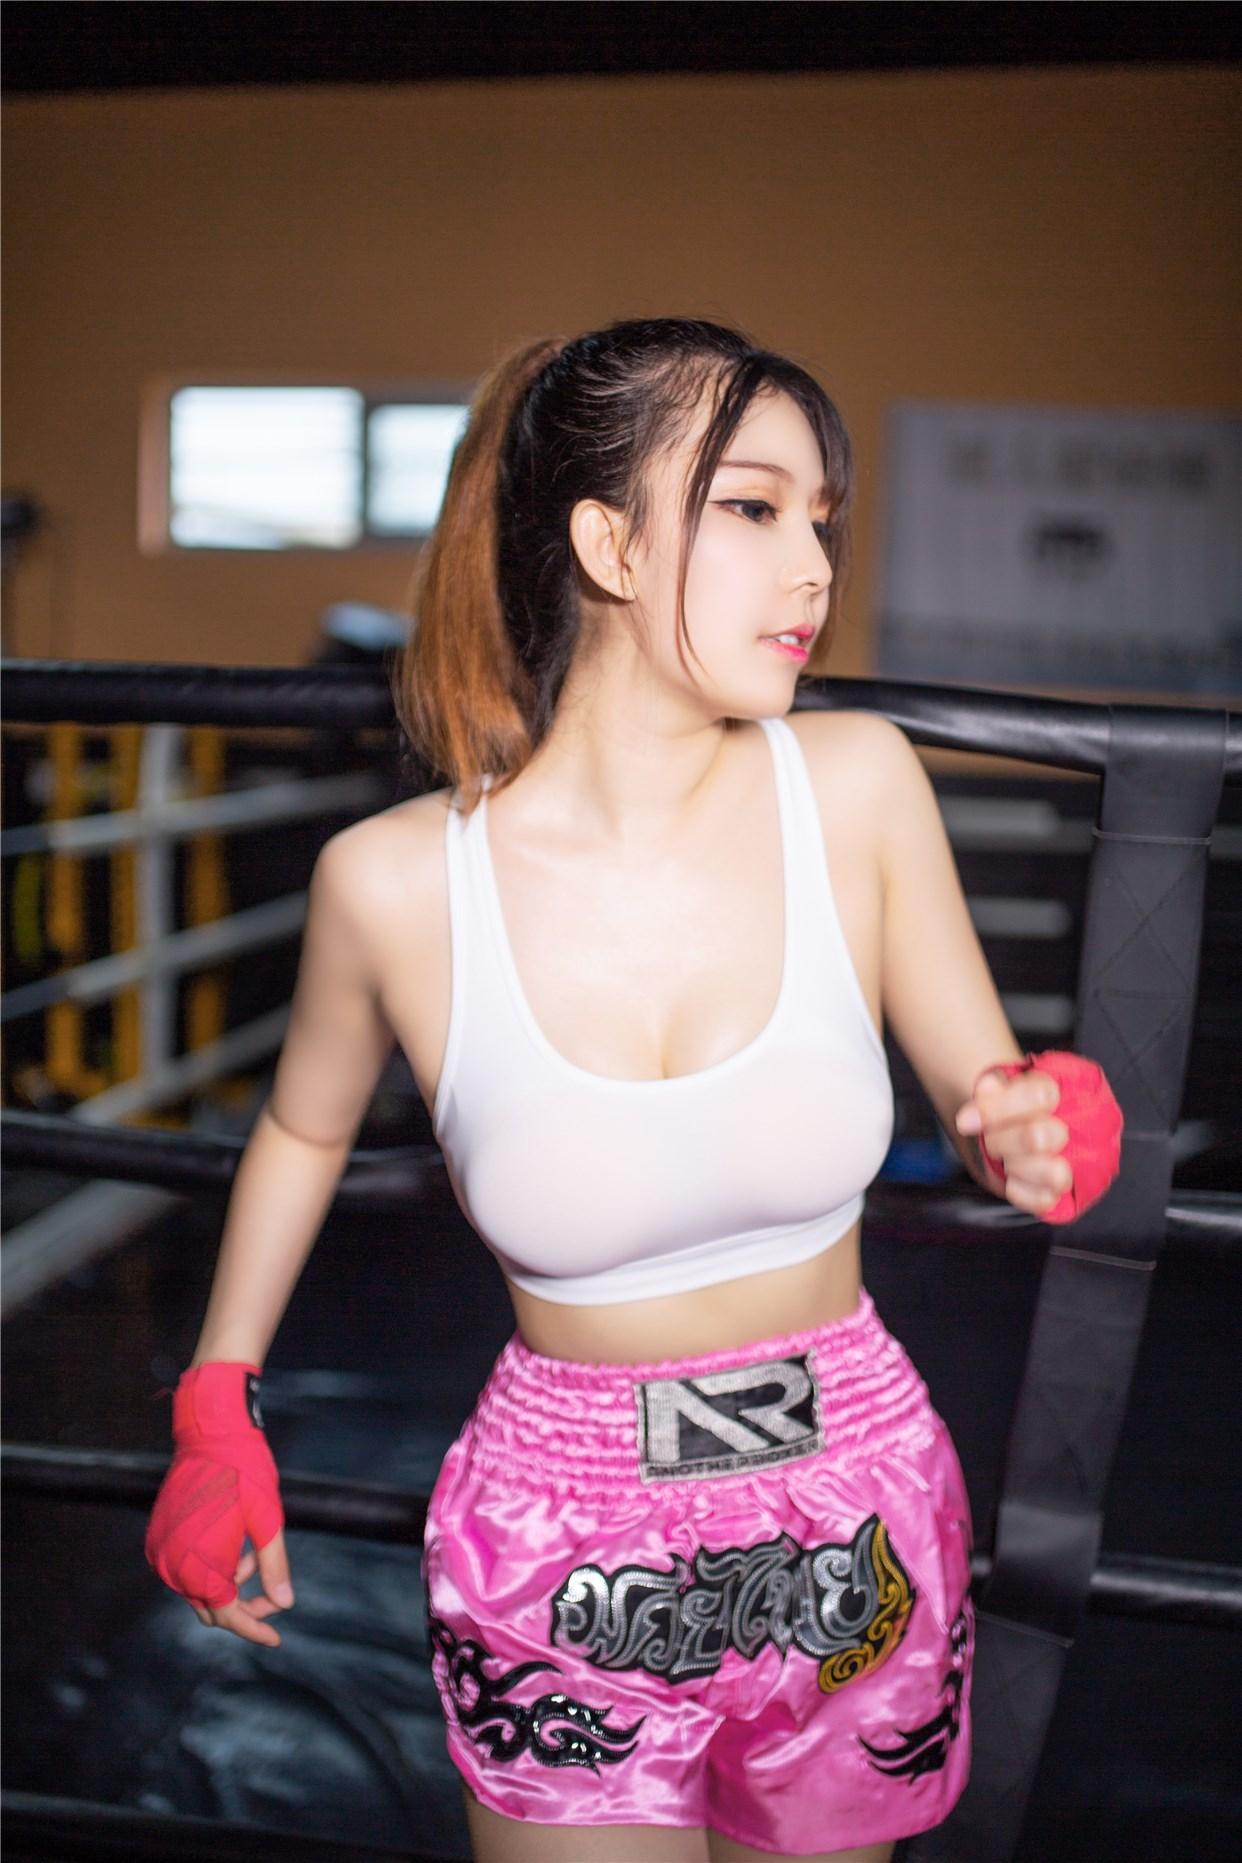 【兔玩映画】健身房的美少女 兔玩映画 第9张